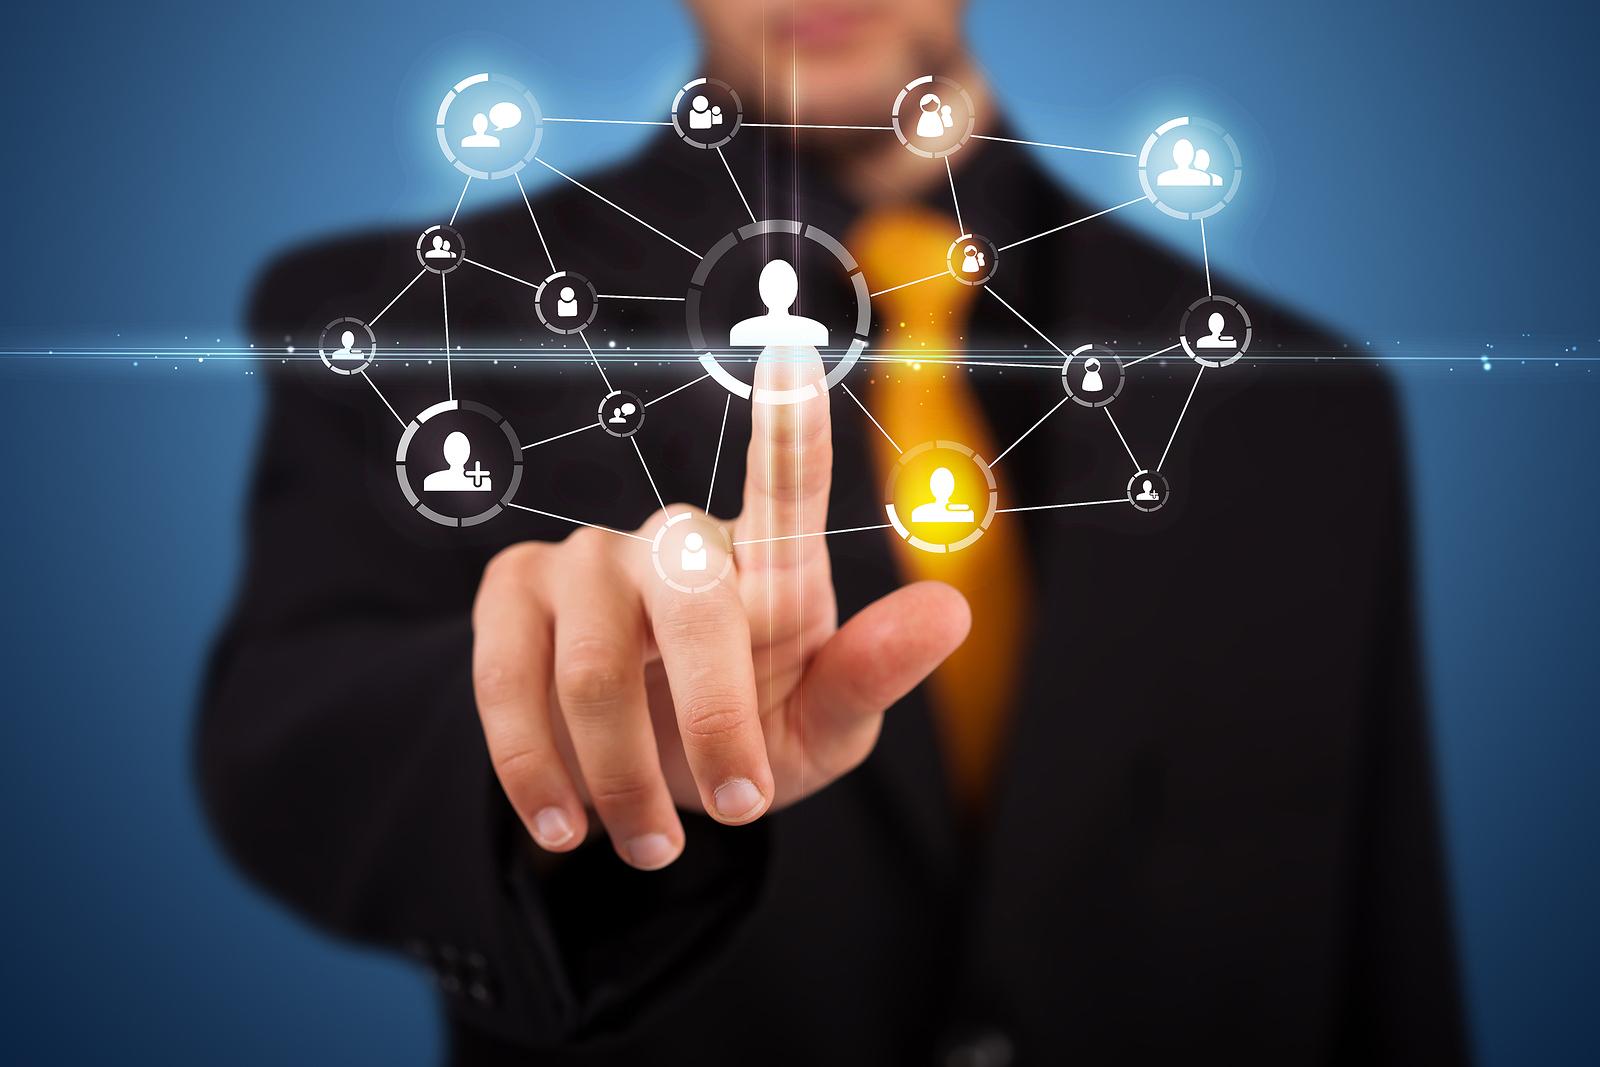 xwork-networking meetng people